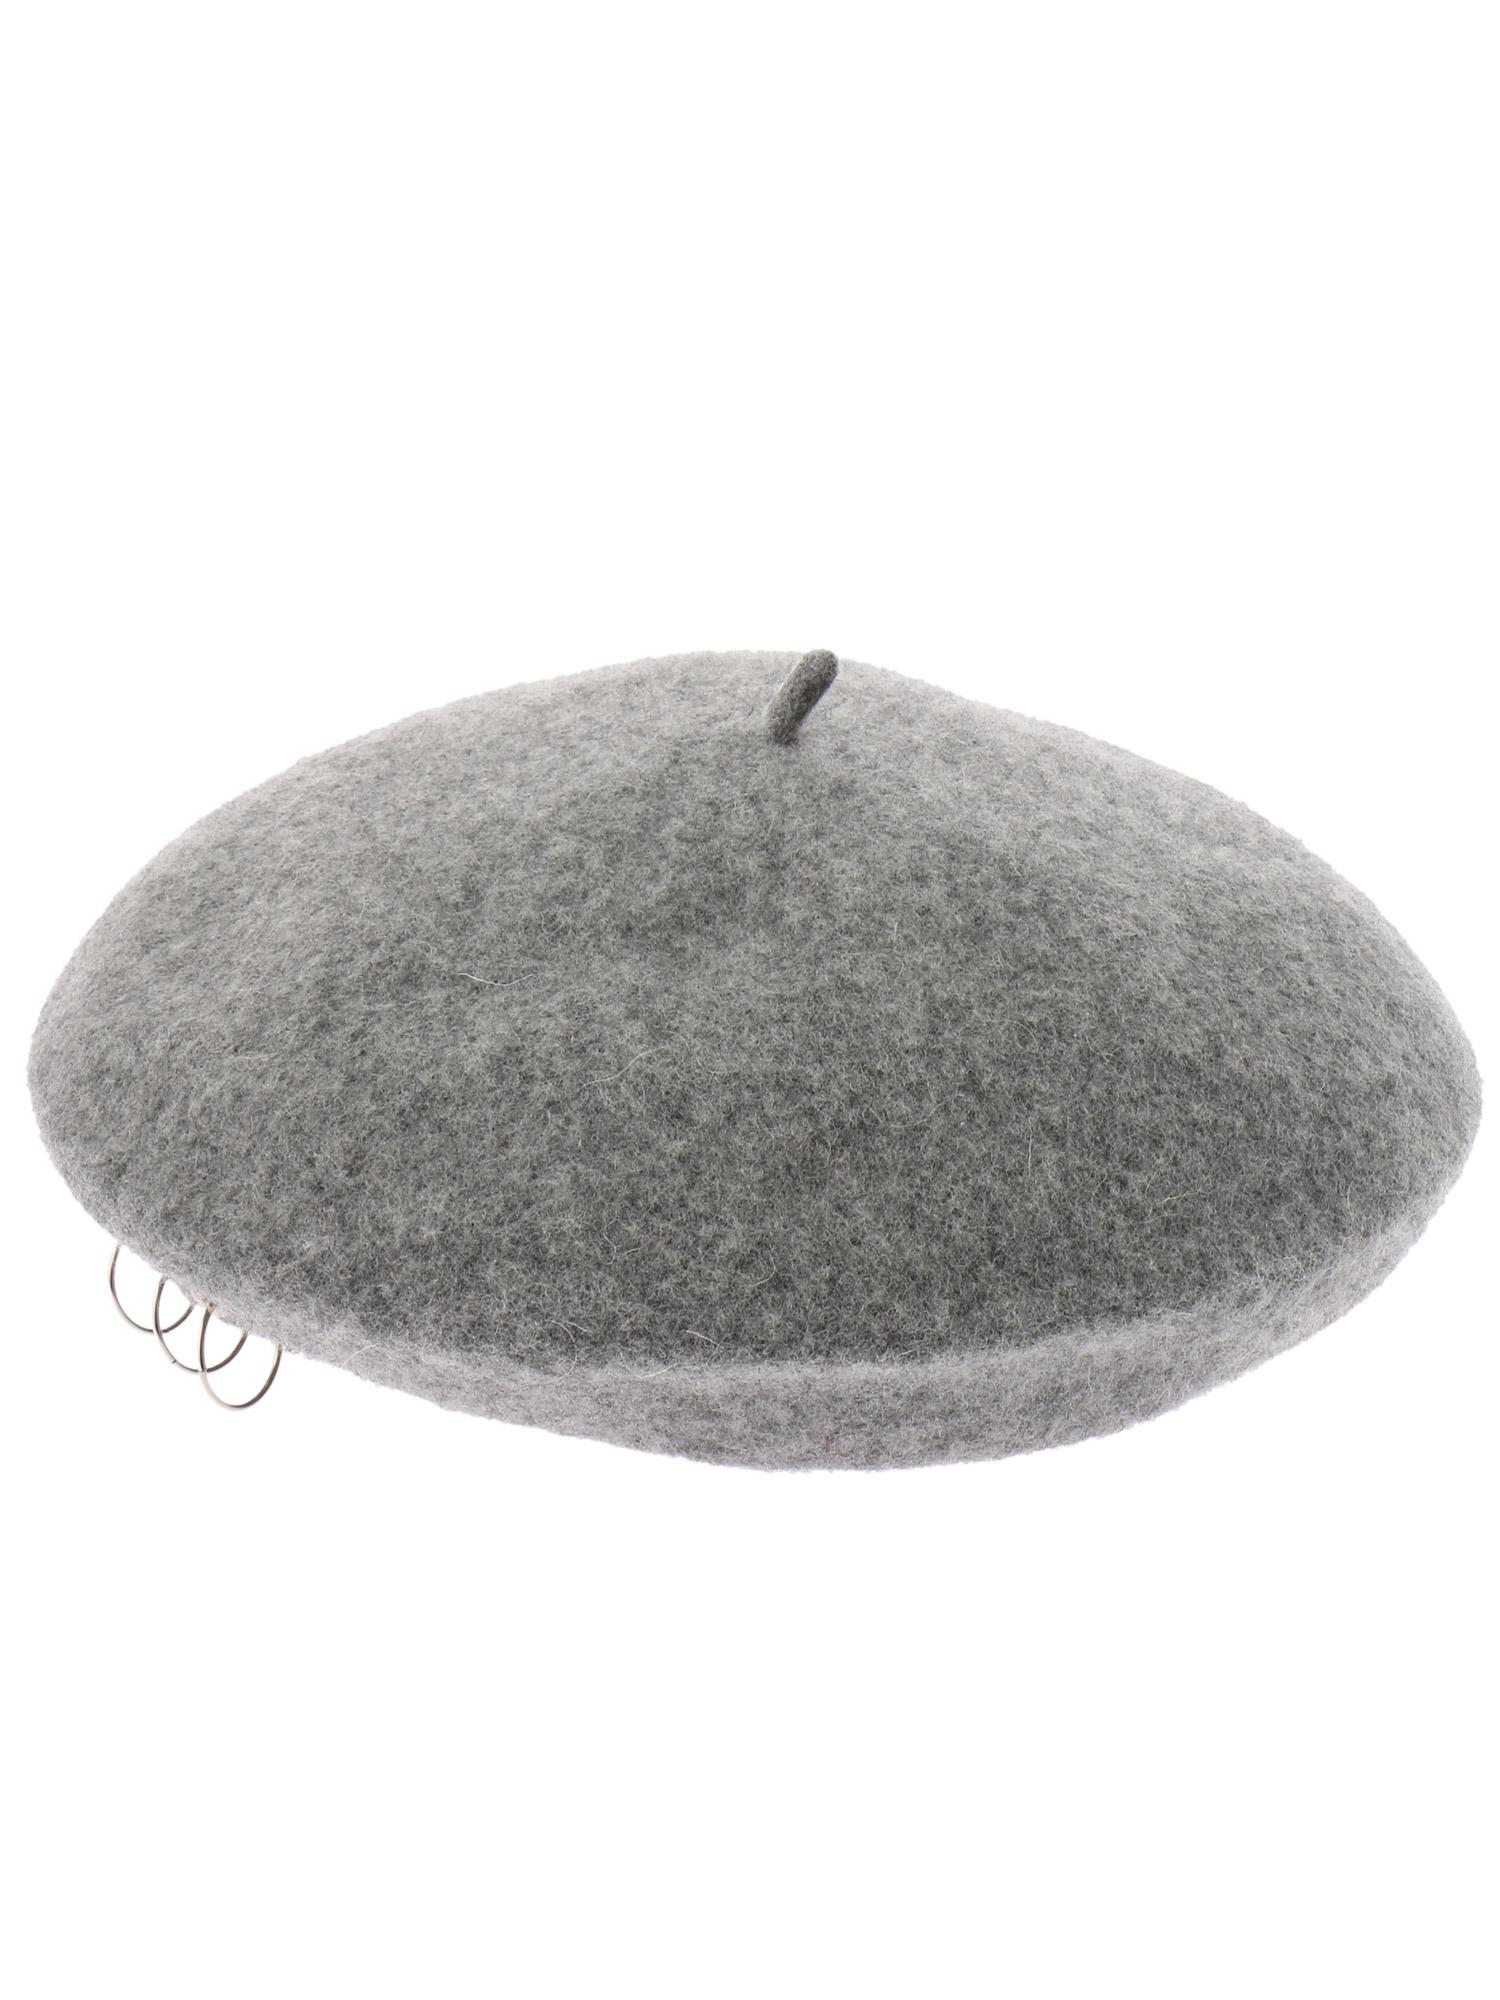 WEGO/リングベレー帽